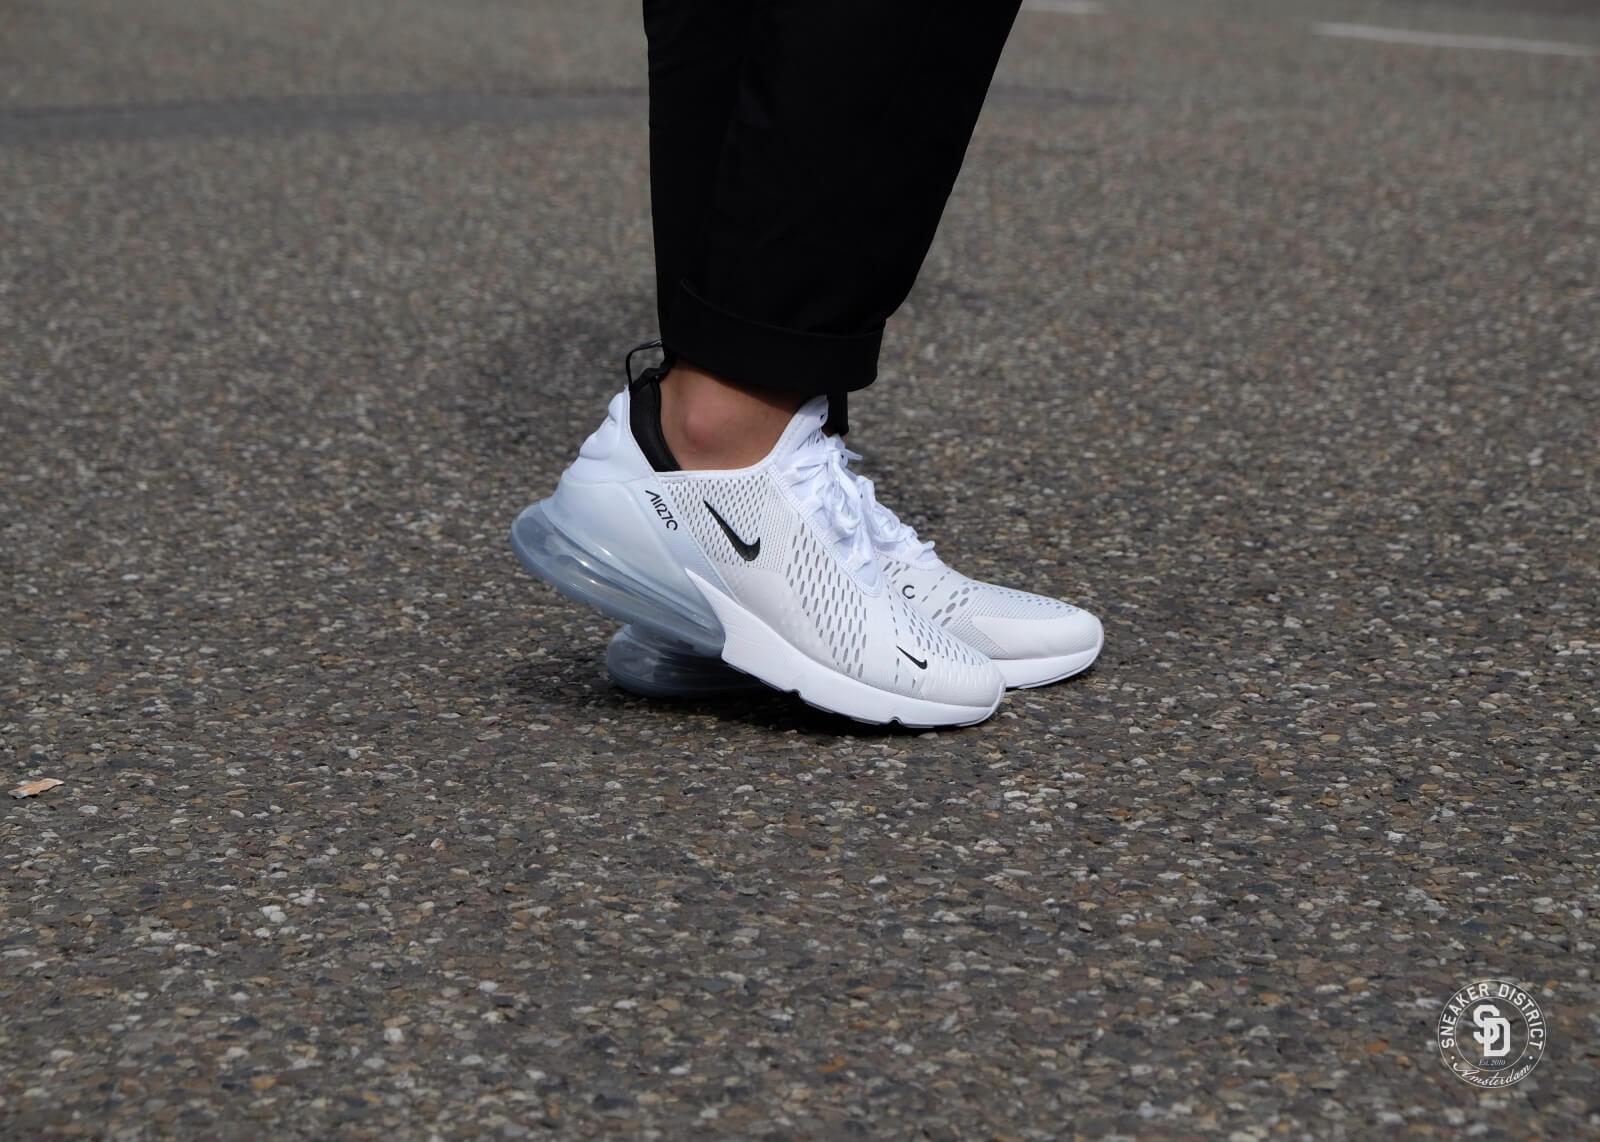 Nike Air Max 270 White/Black - AH8050-100